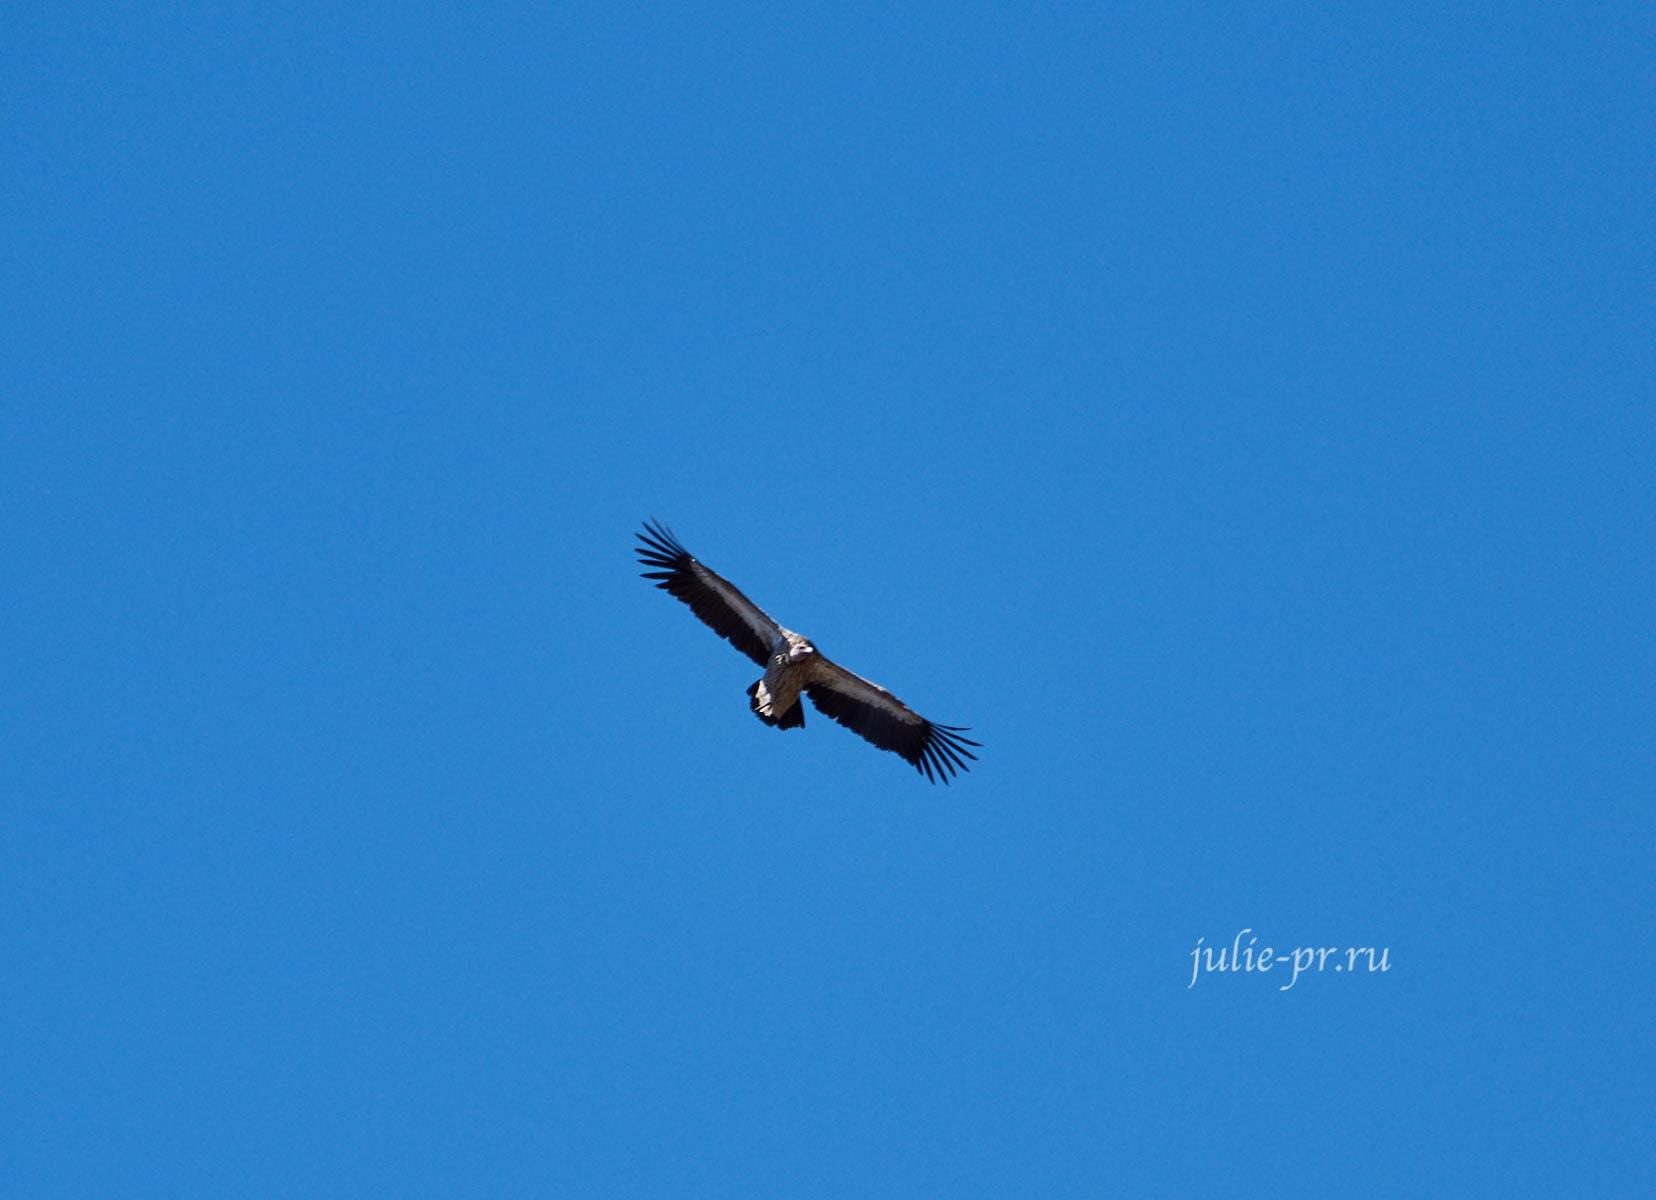 Непал, Трек вокруг Аннапурны, Птица